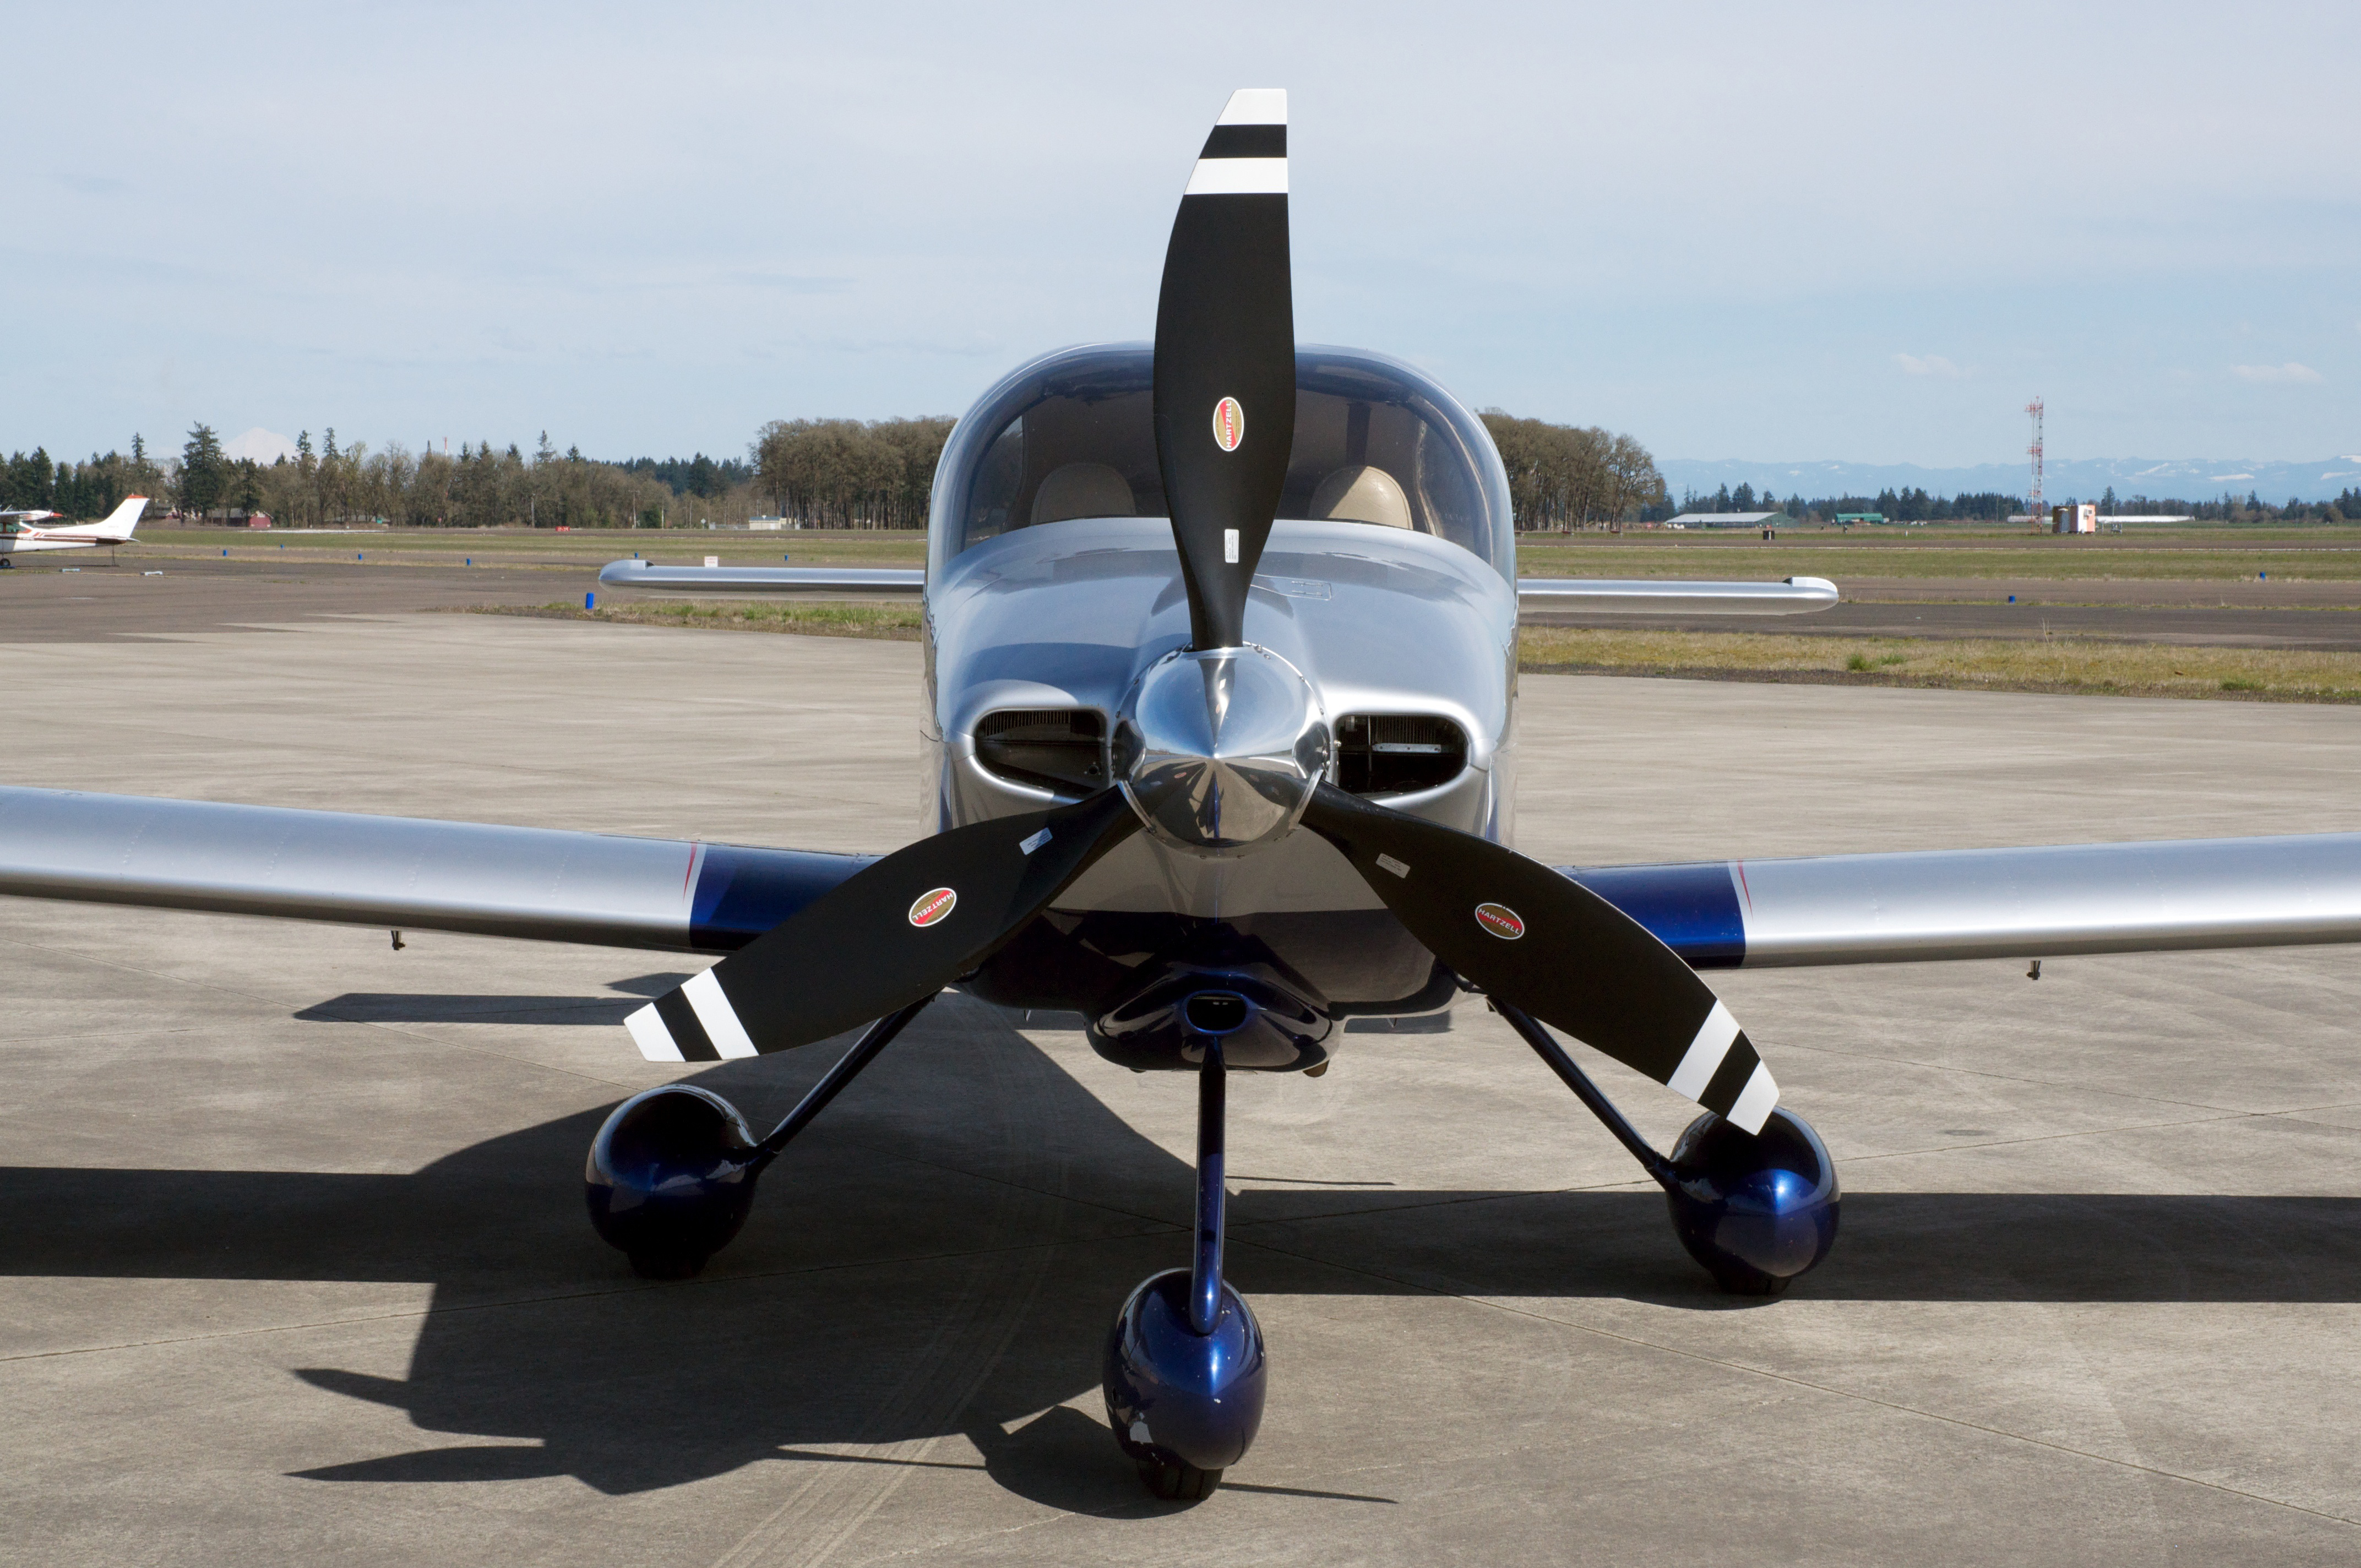 Aircraft Spotlight: Van's RV Series - Hartzell Propeller